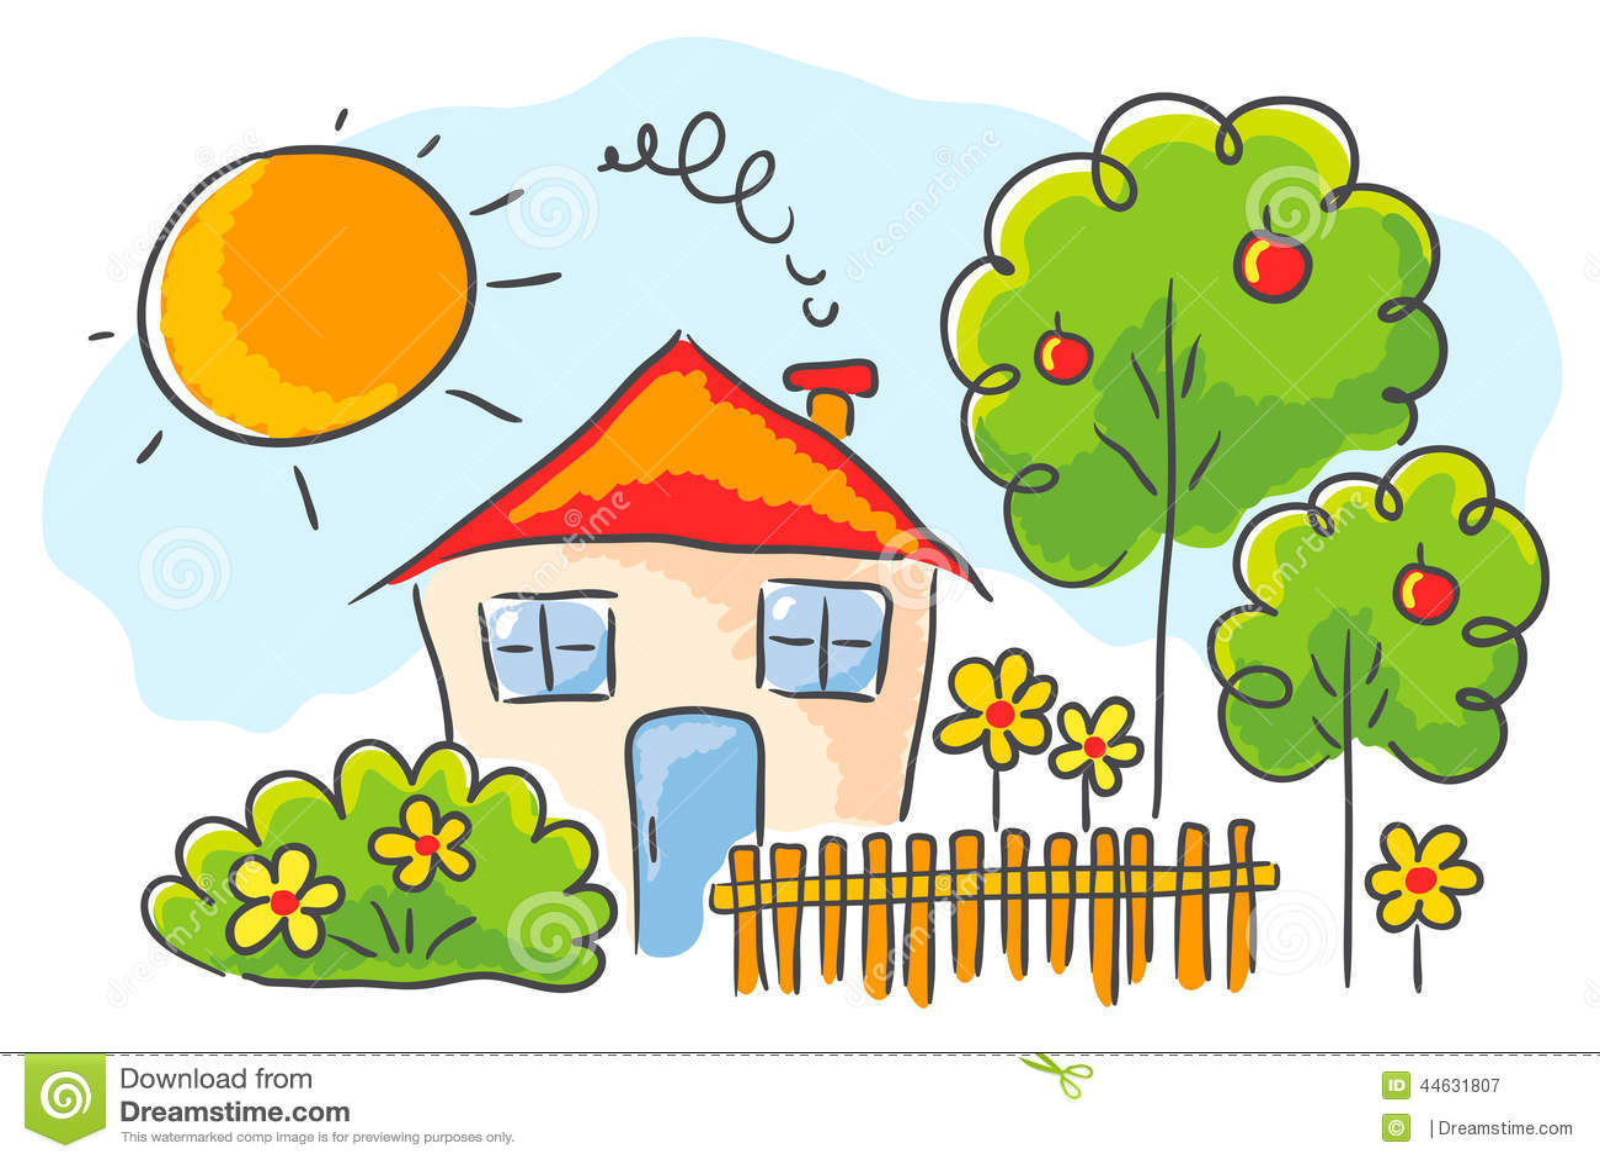 disegno Casa Giardino : Disegno del ` s del bambino di una casa con un giardino.